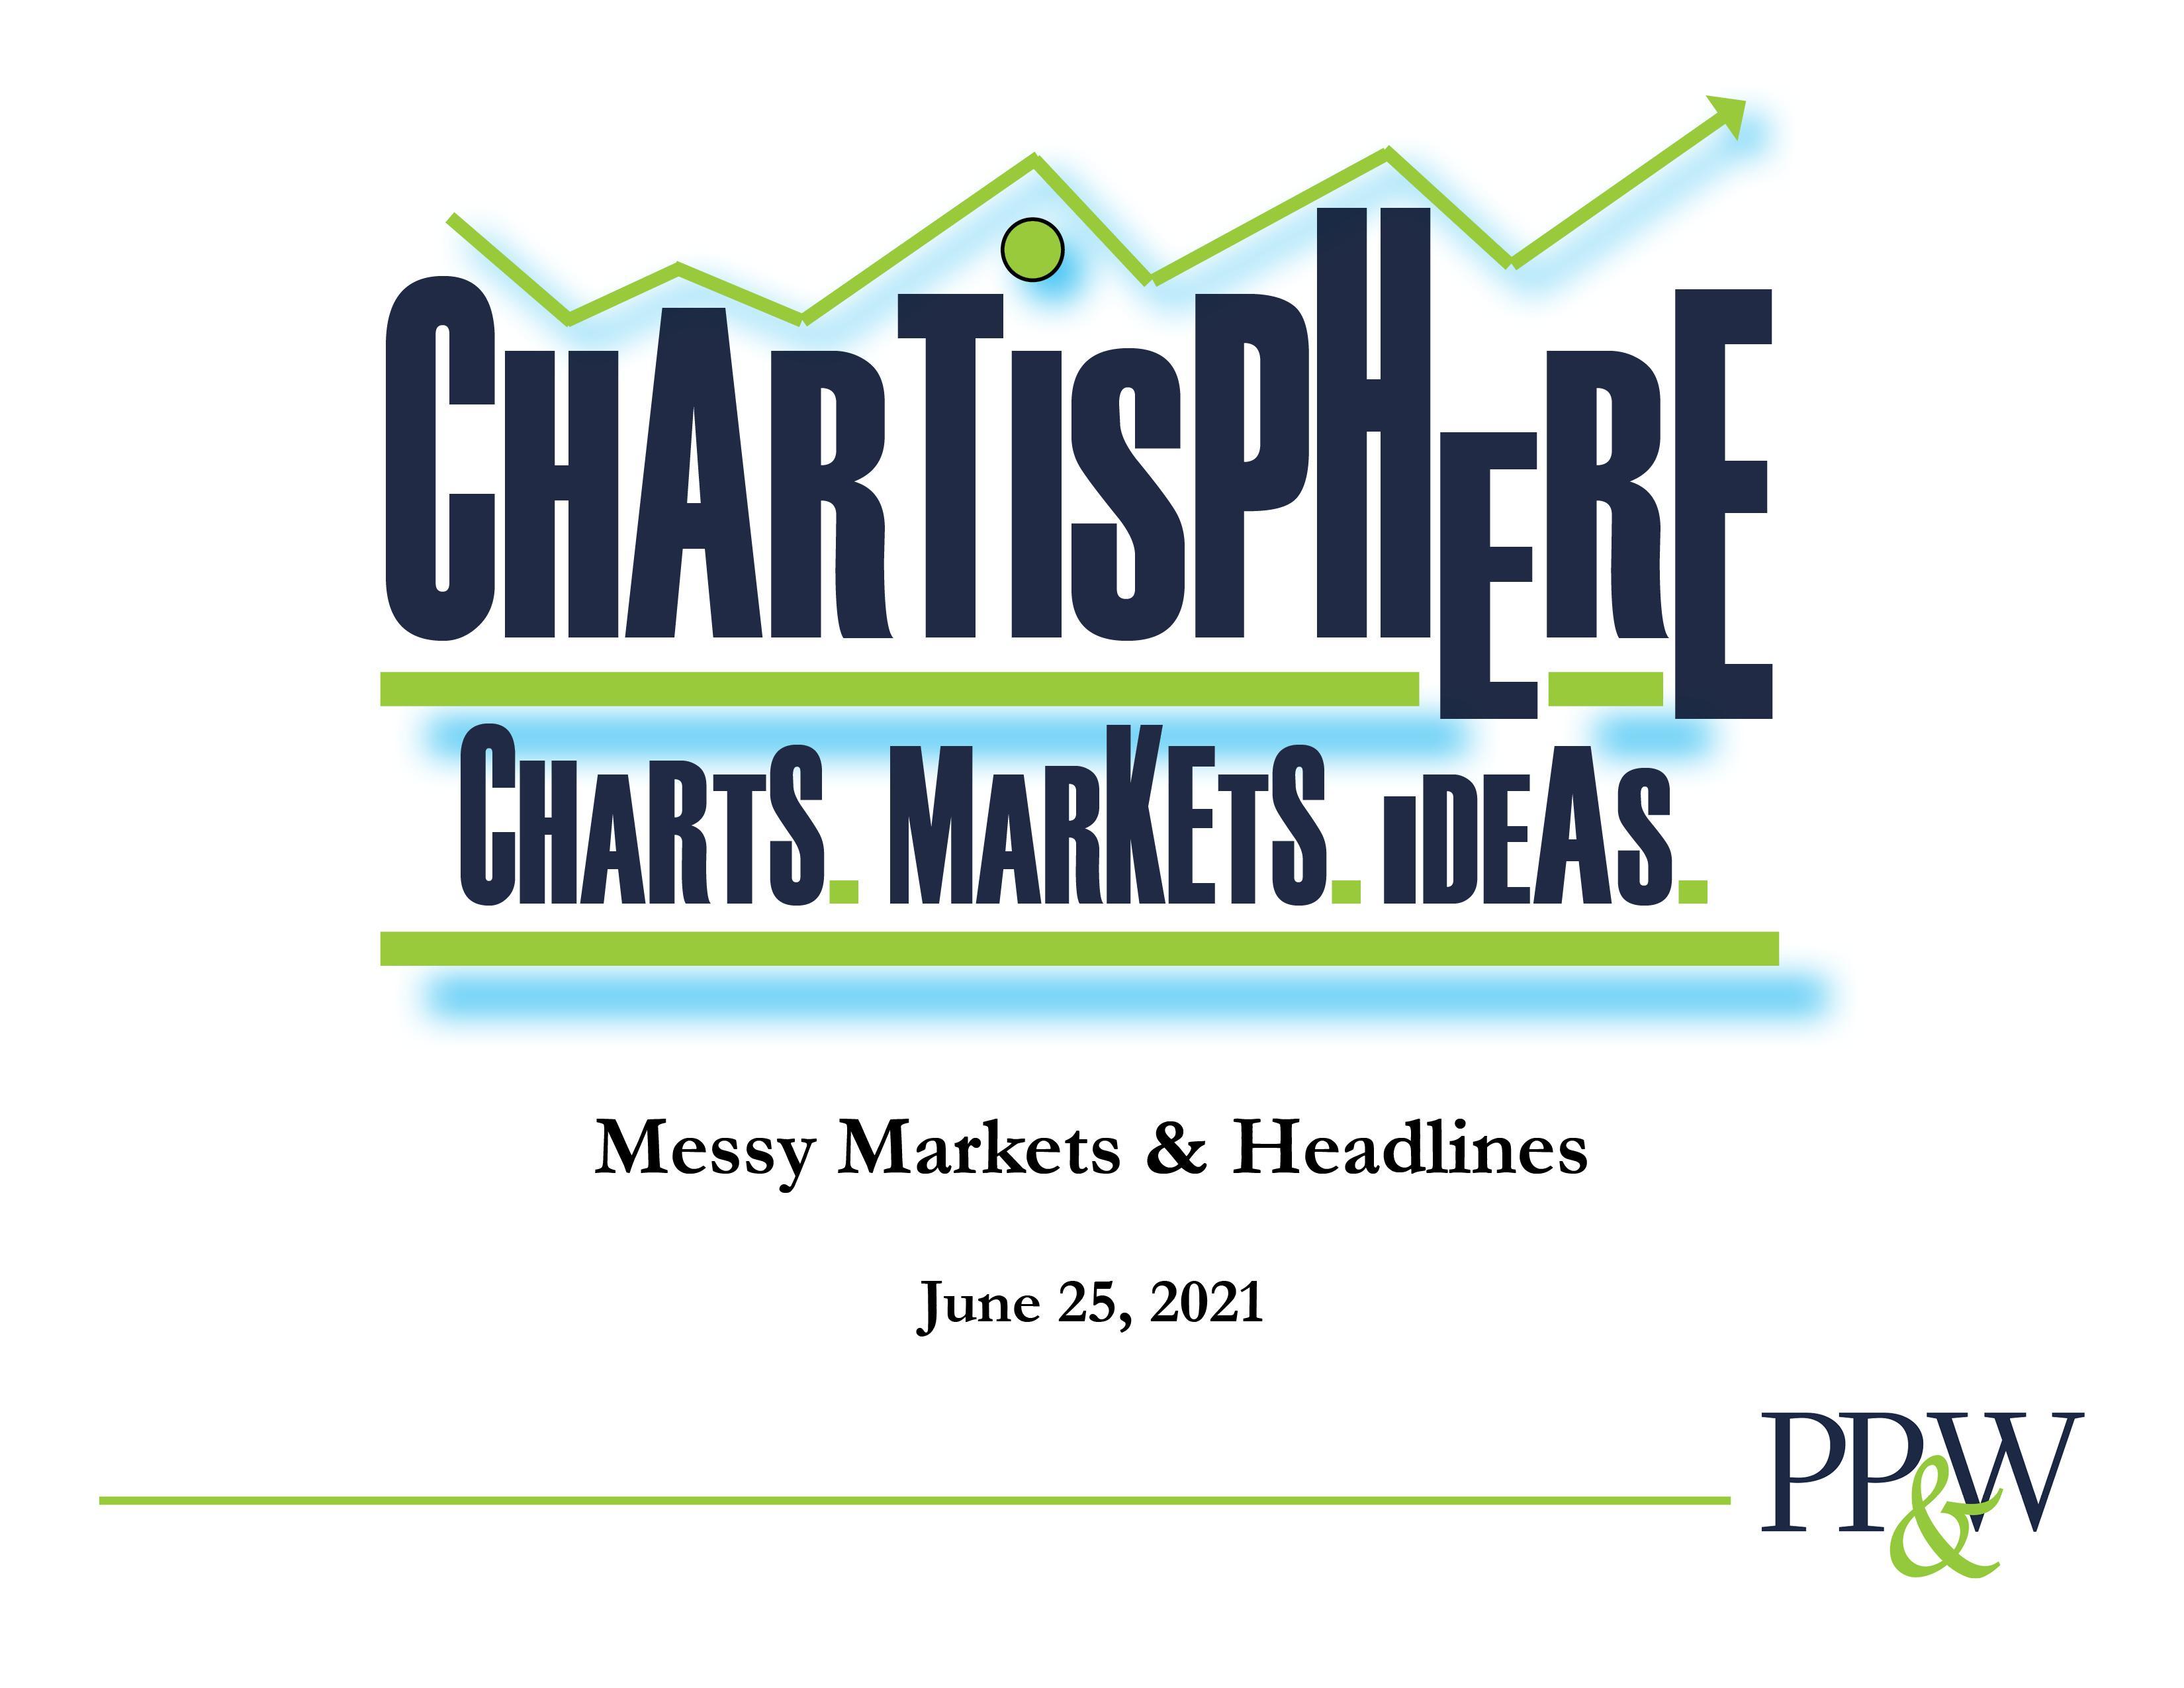 Messy Markets & Headlines Thumbnail